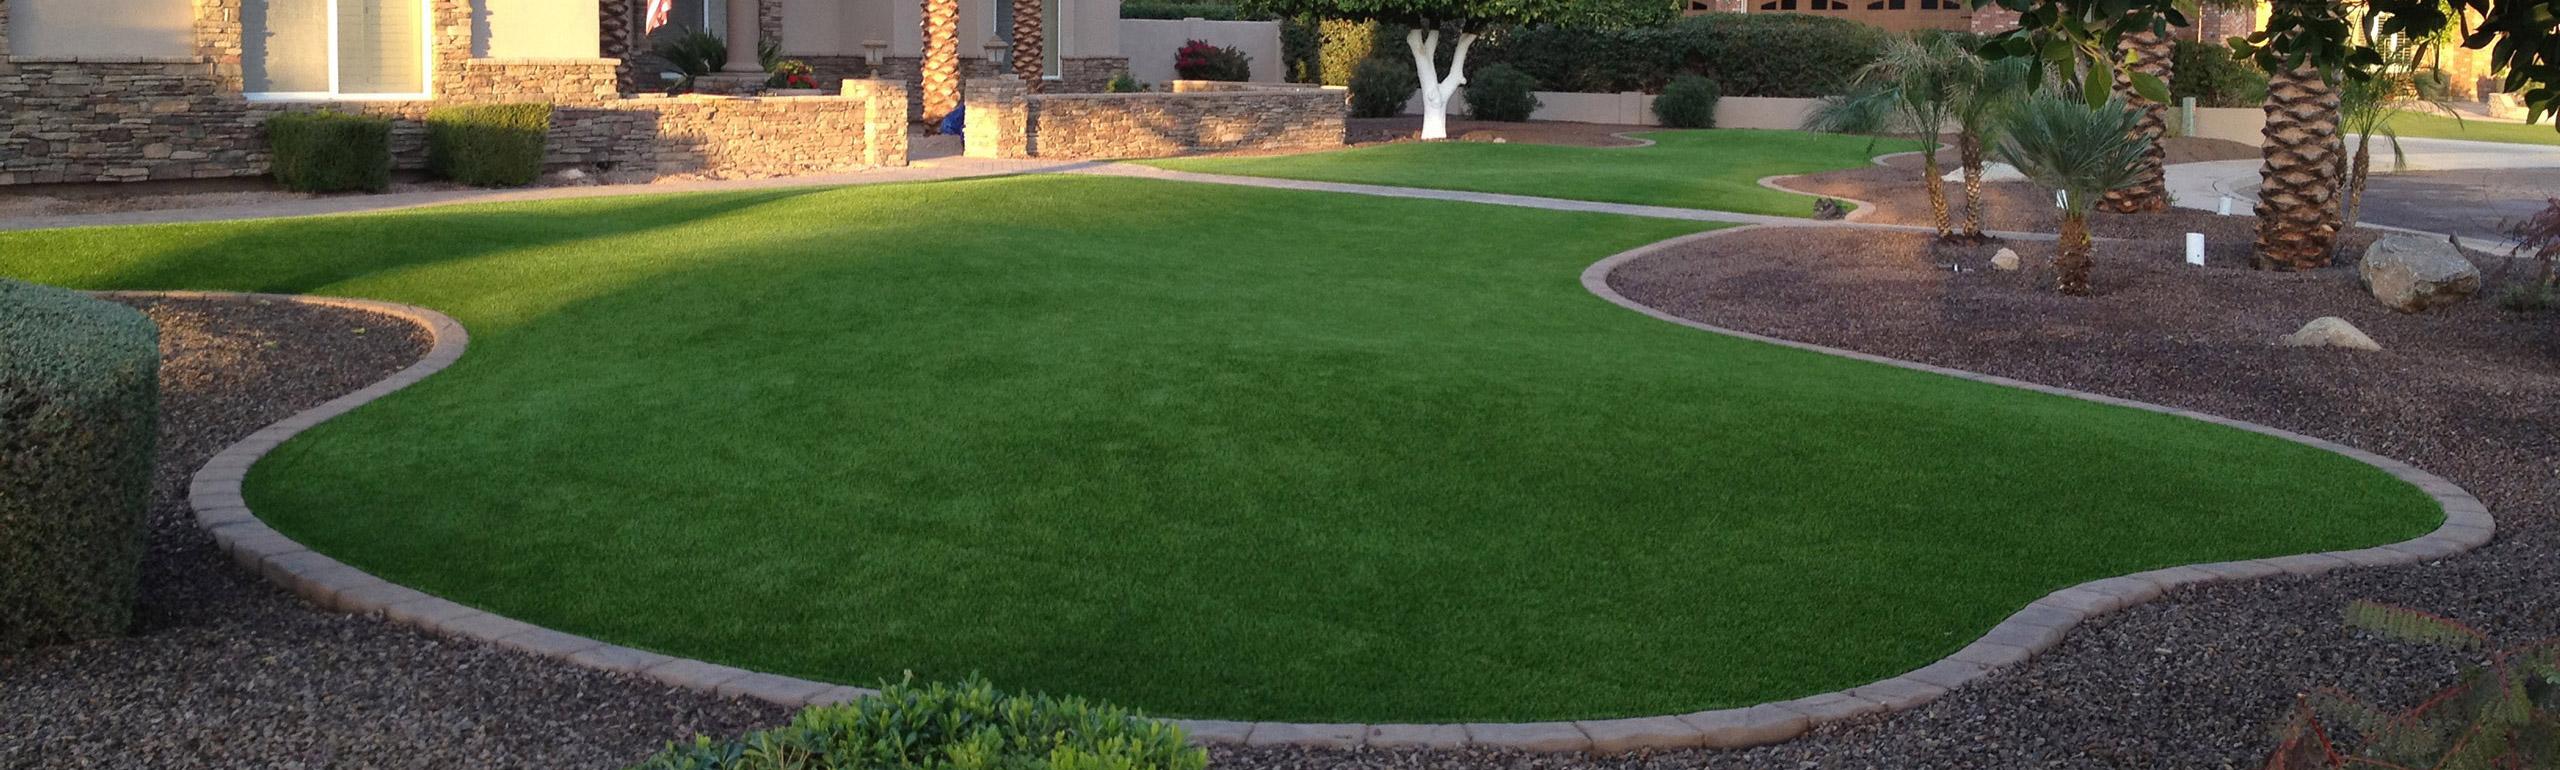 Artificial Grass Dallas